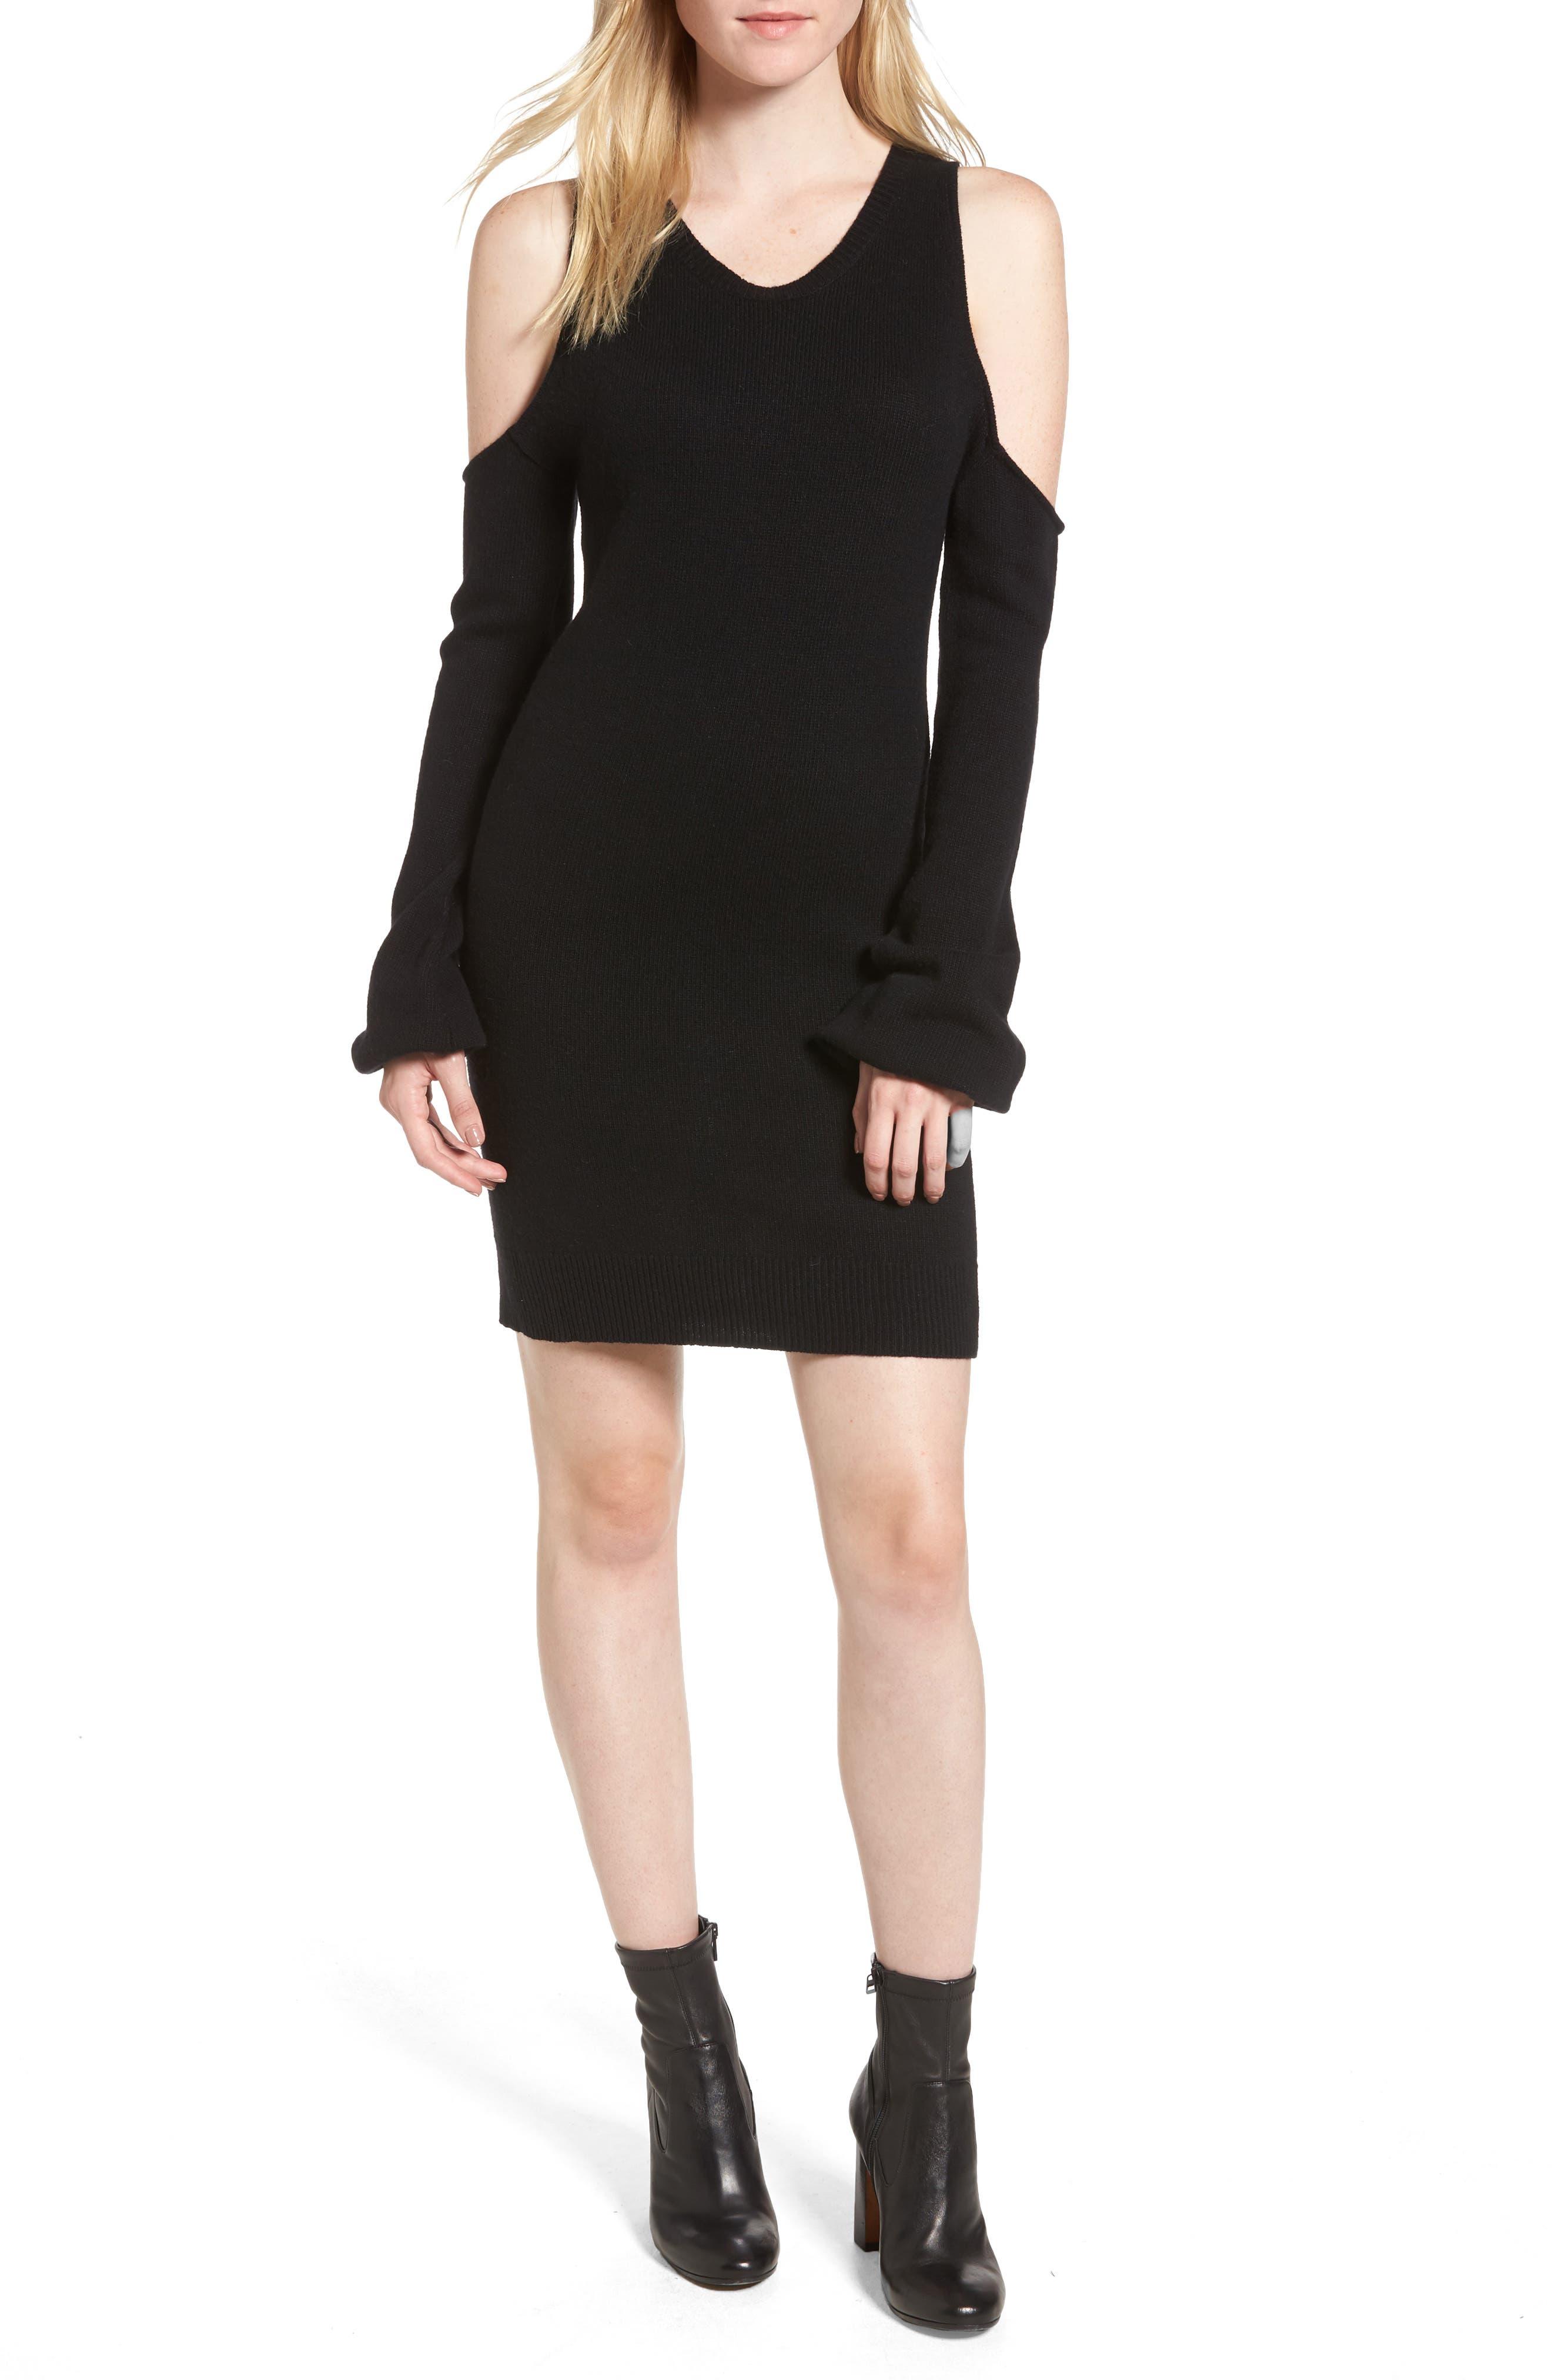 Alternate Image 1 Selected - Pam & Gela Cold Shoulder Sweater Dress